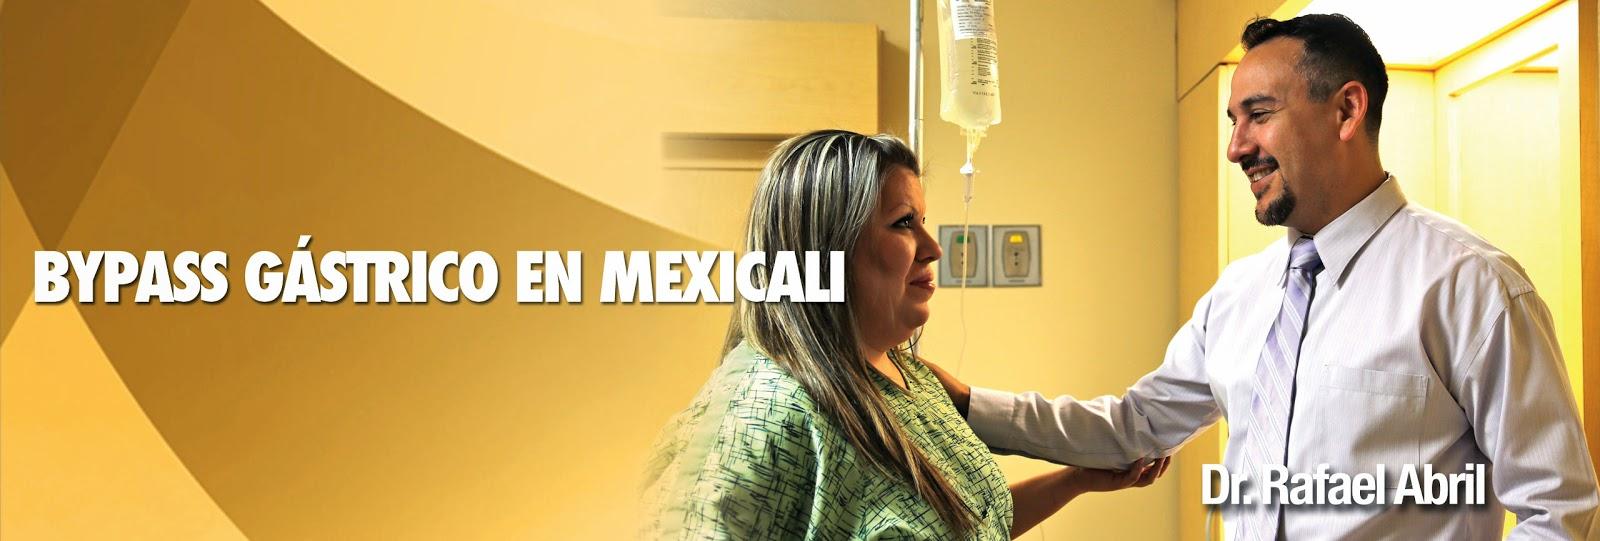 Cirugia para bajar de peso en mexico